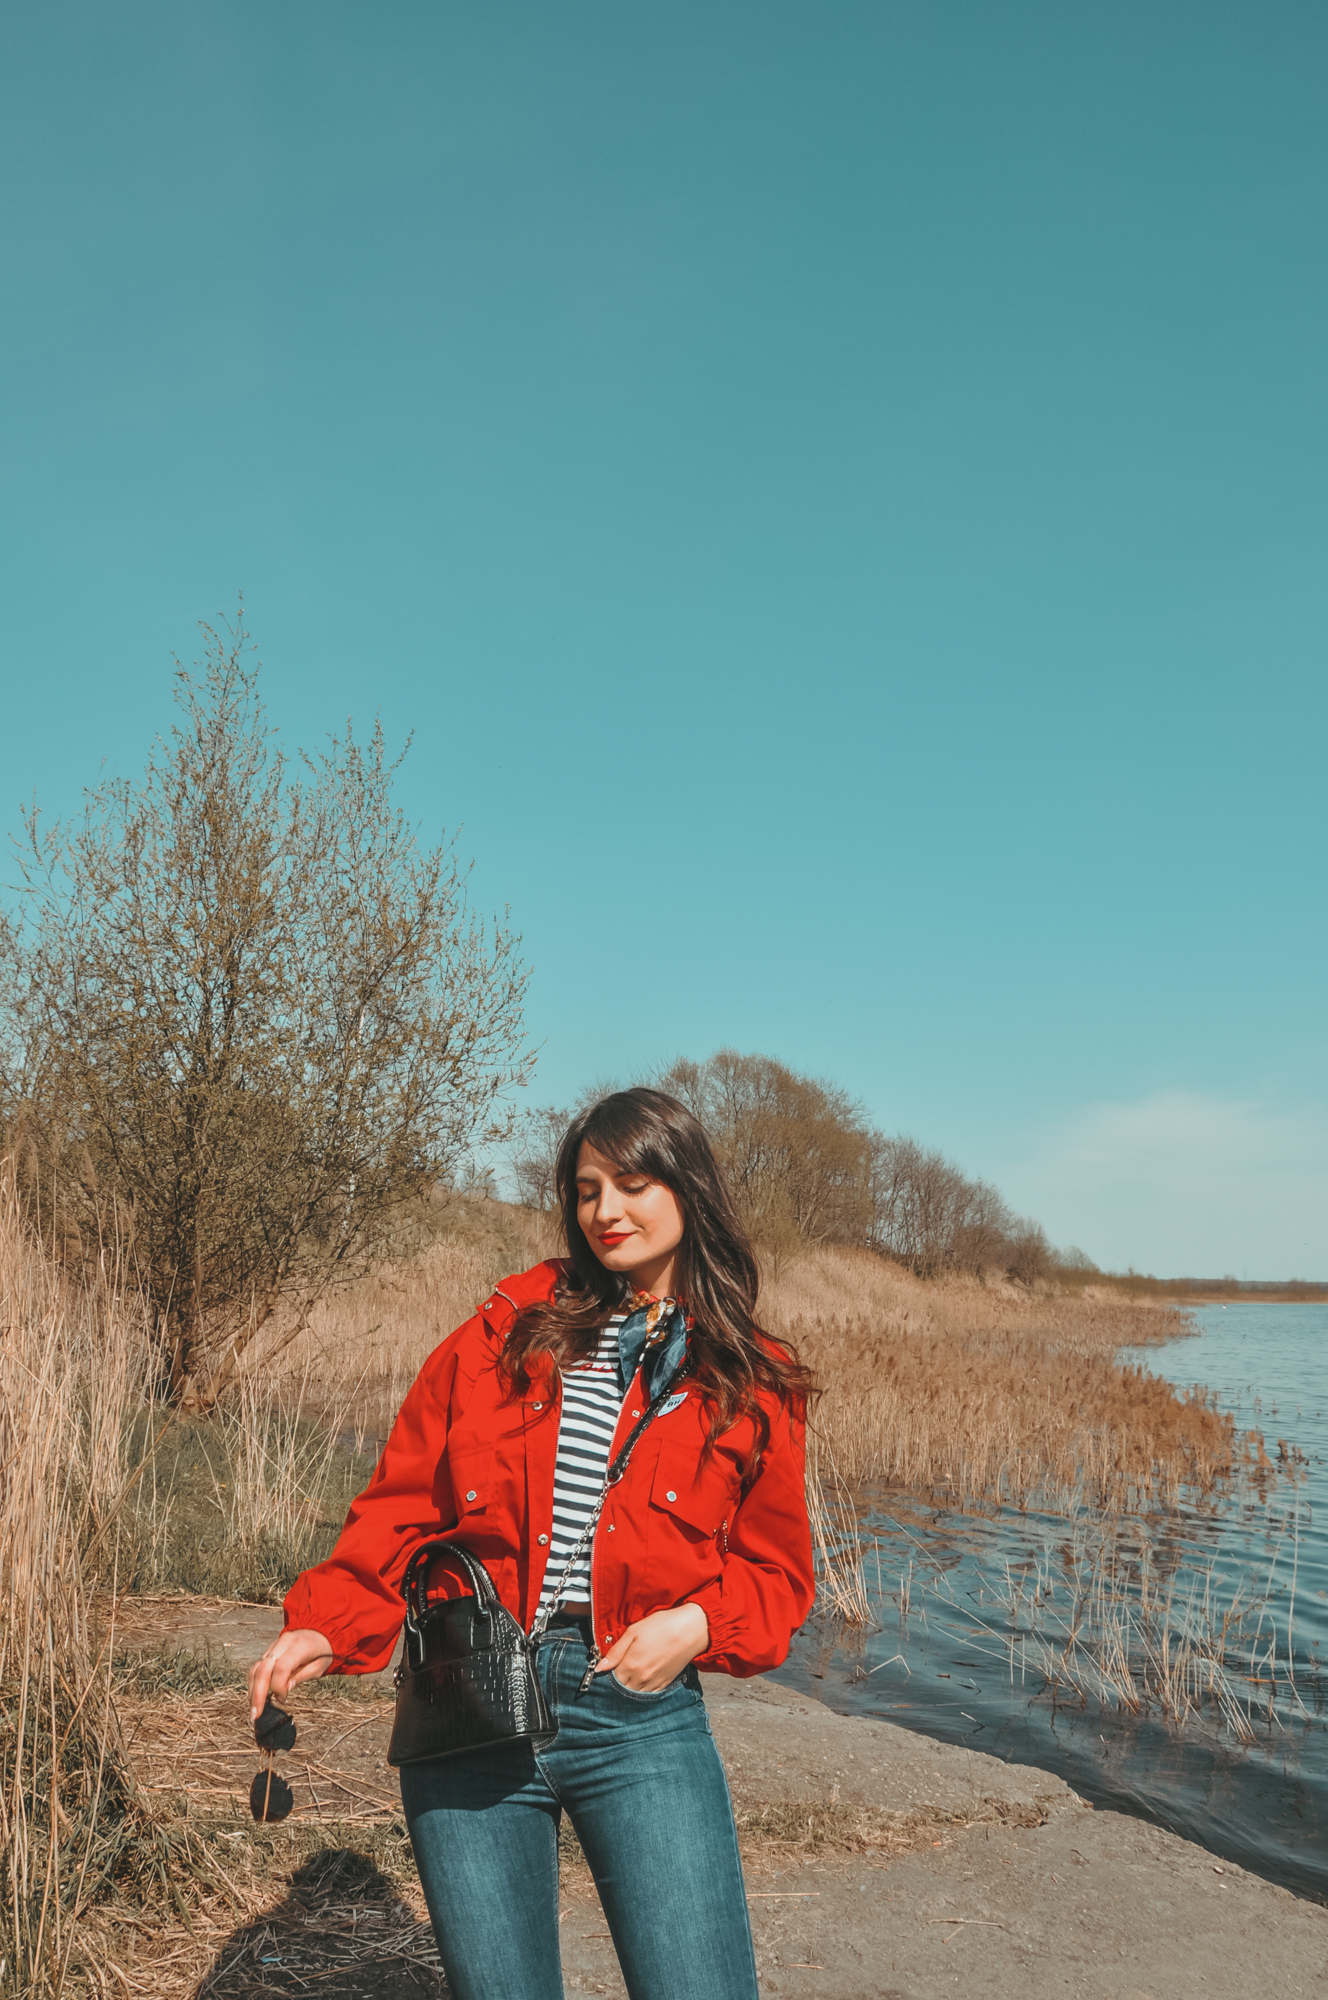 czerwona kurtka damska wiosenna - z czym nosić? Stylizacja